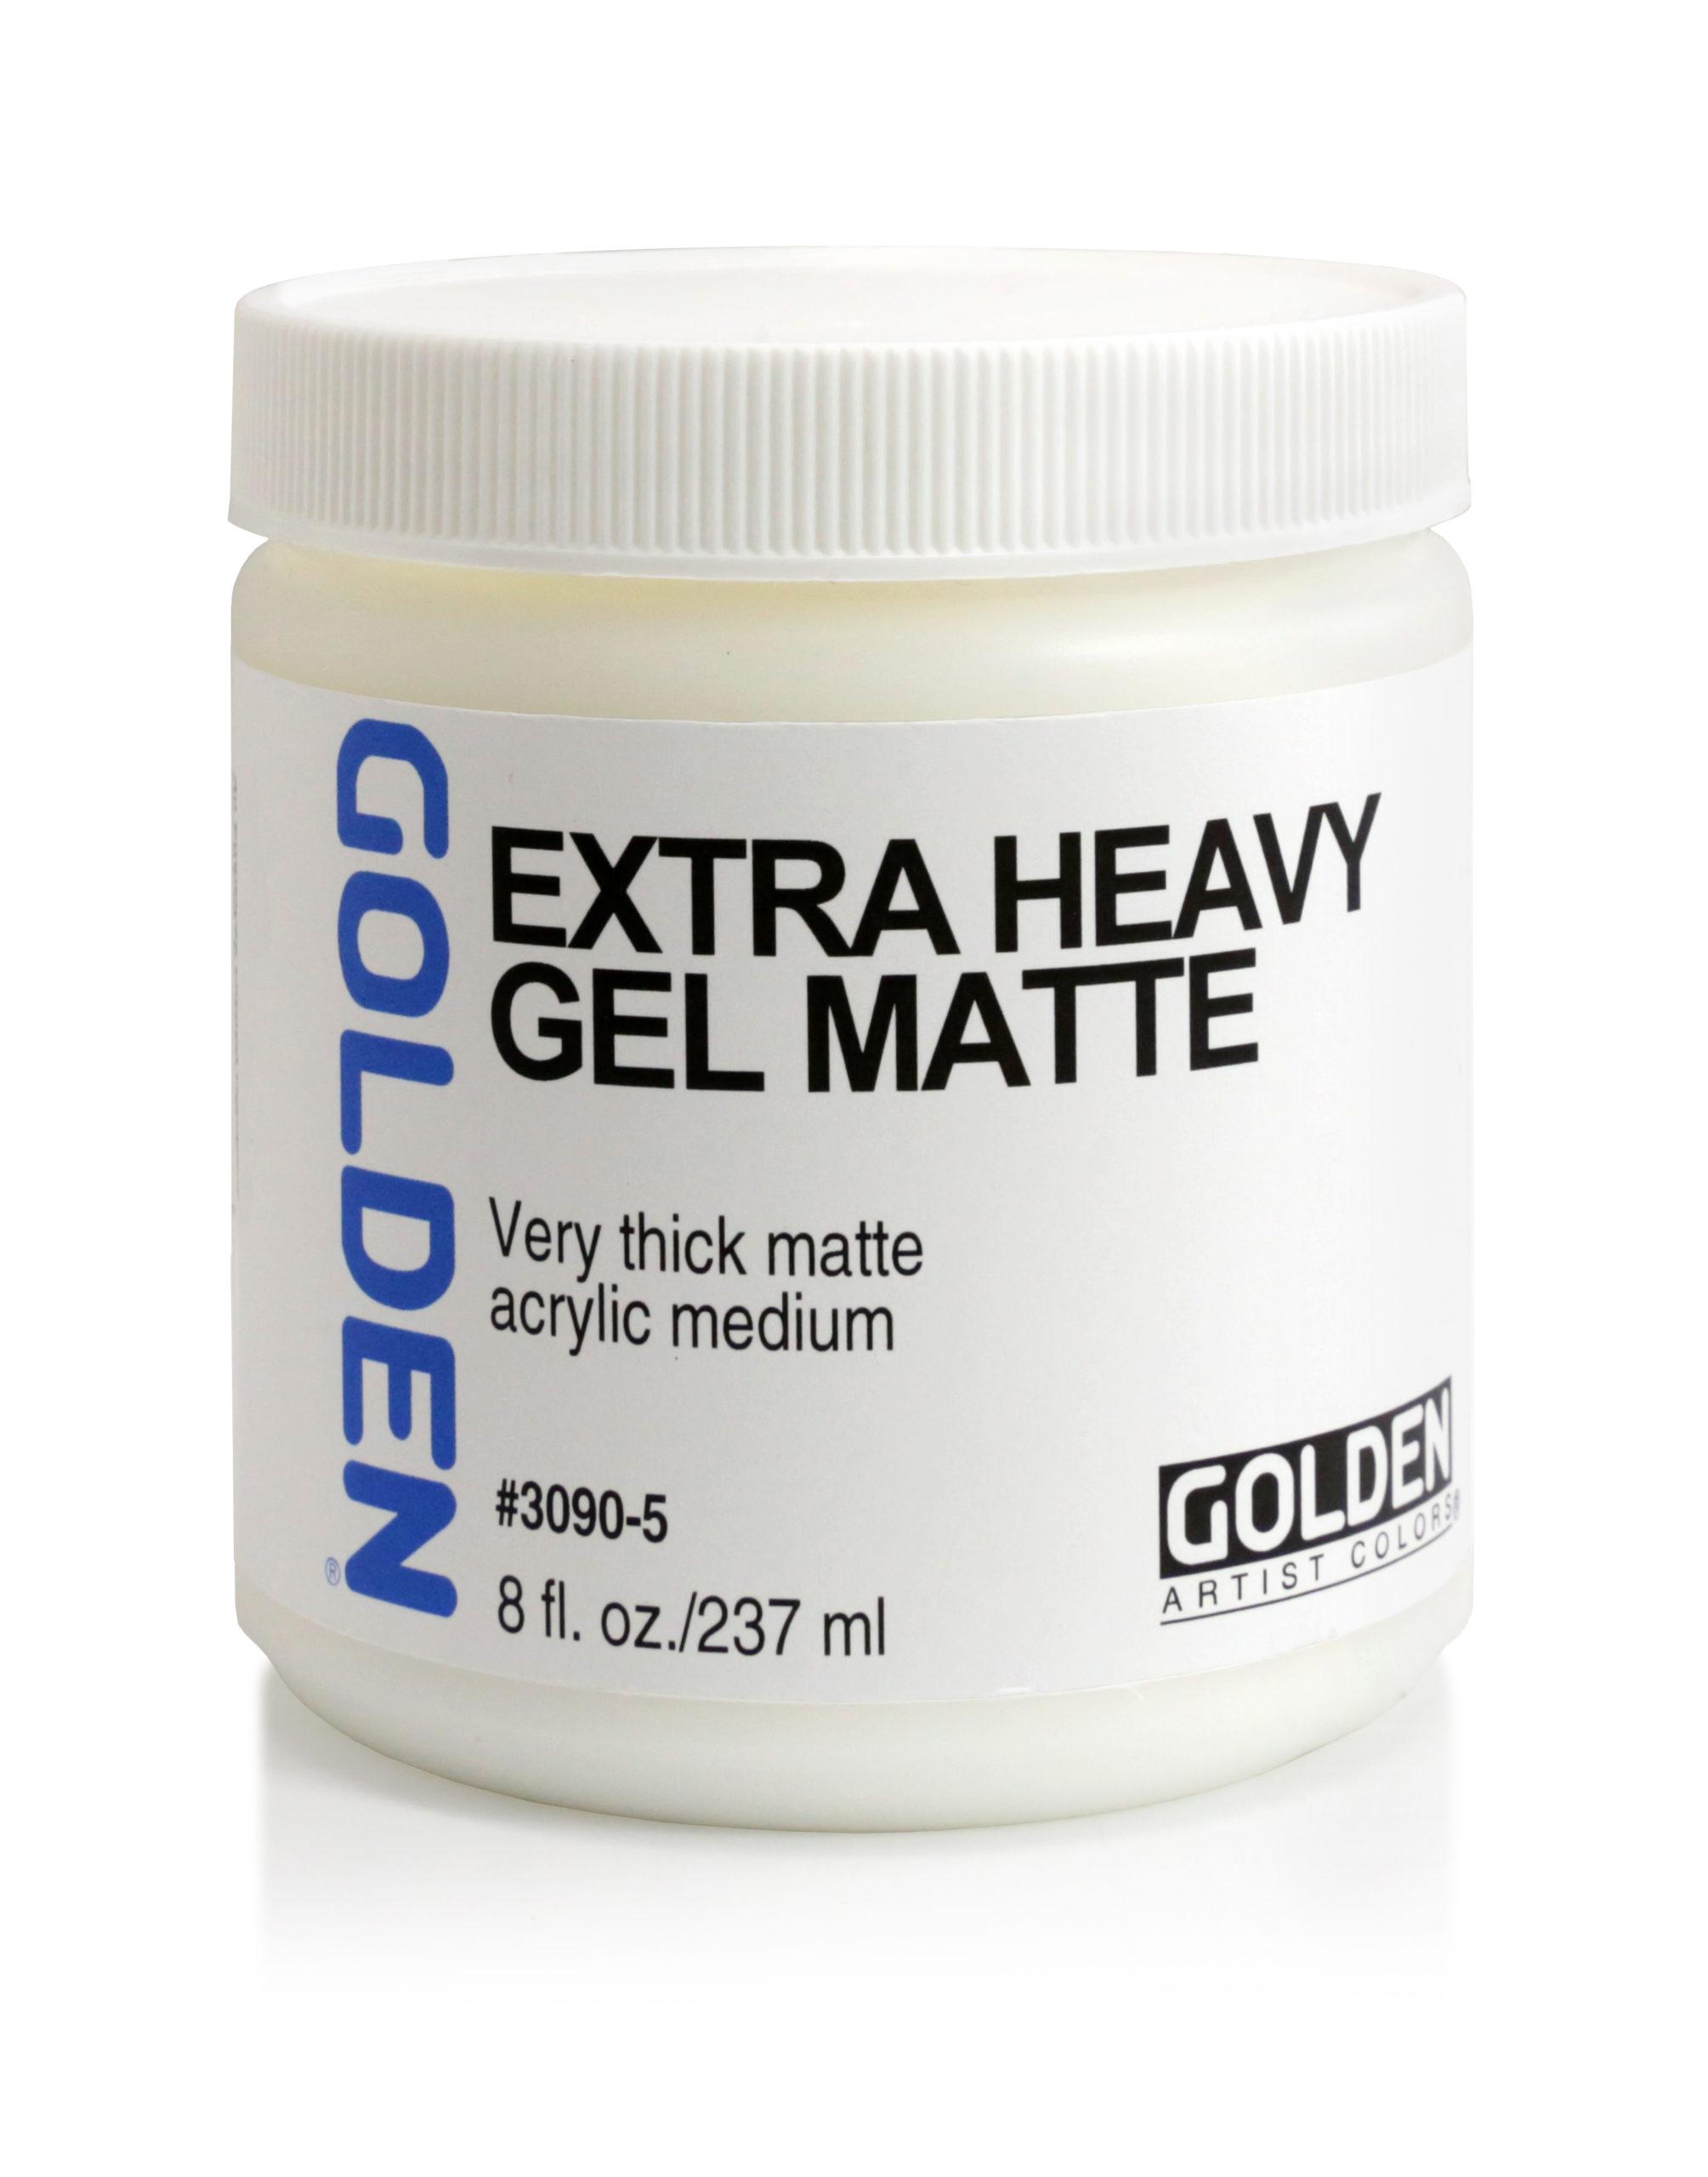 Extra Heavy Gel Matte